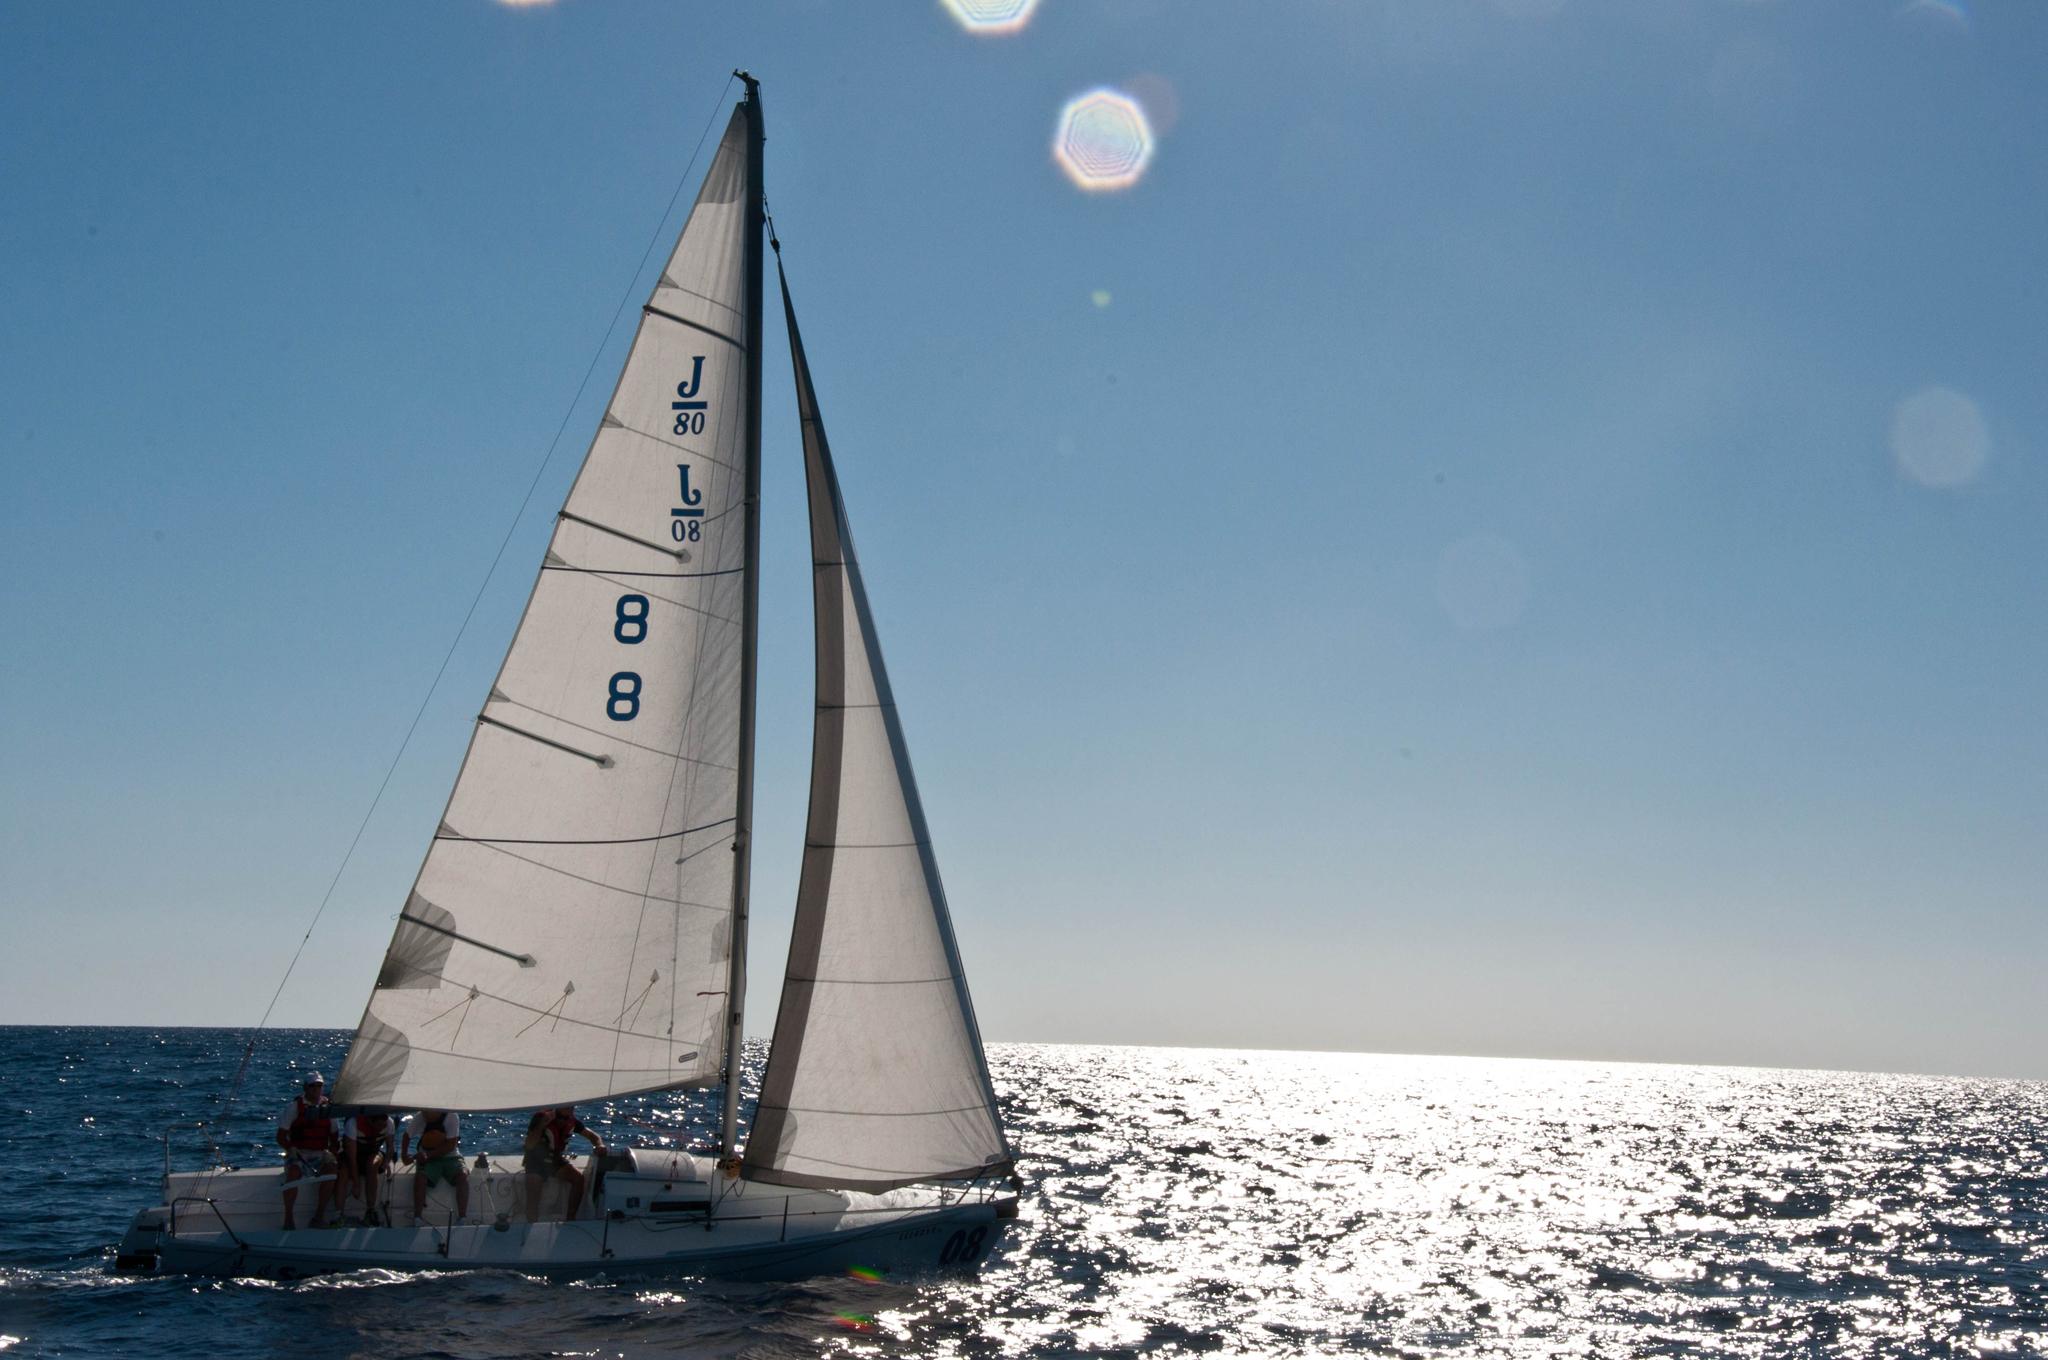 Fashion regatta Sail First